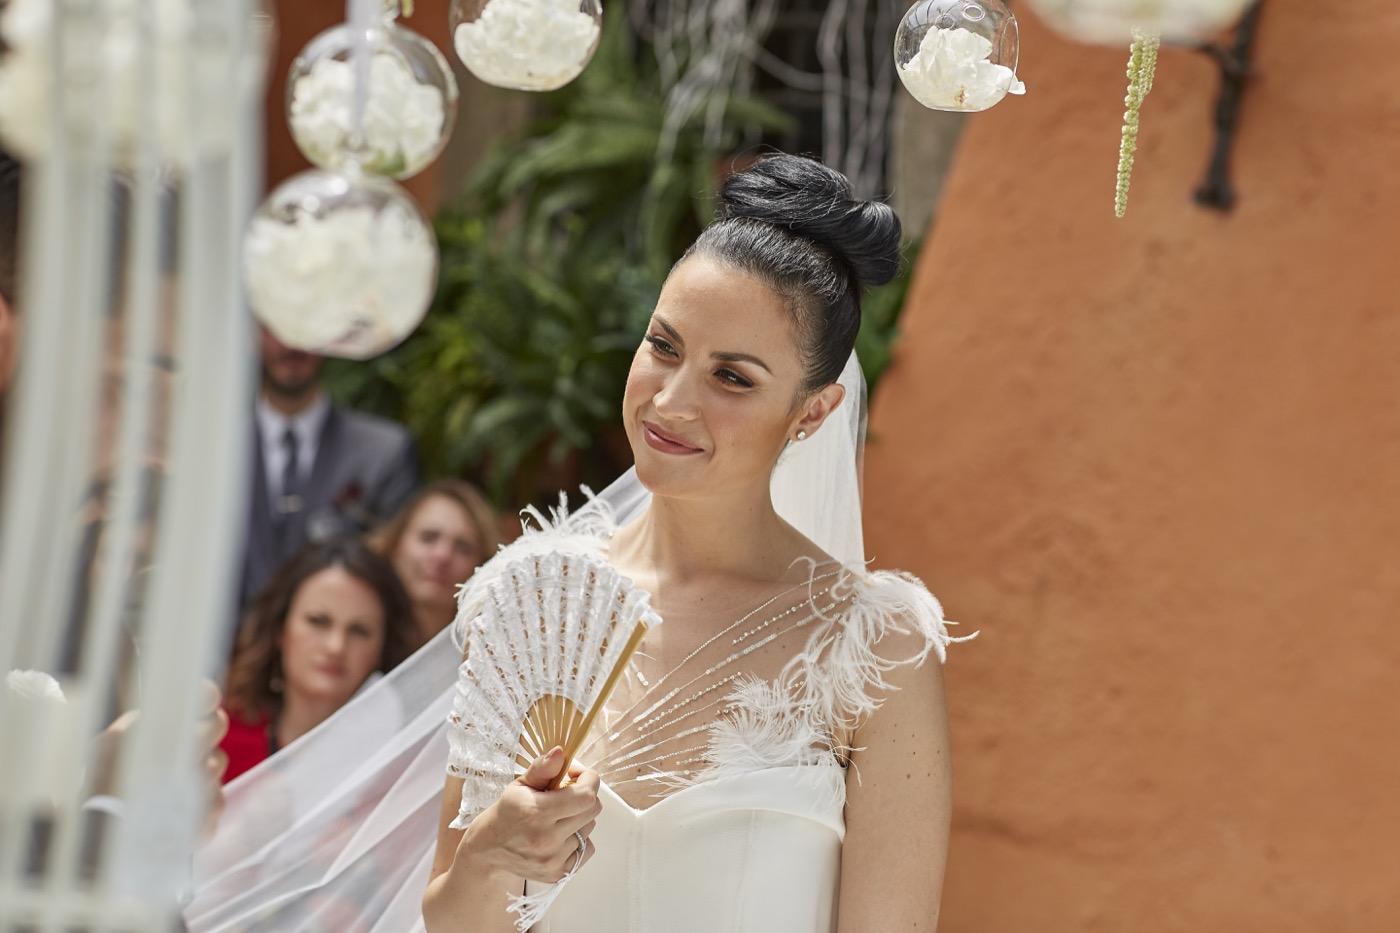 Claudio-Coppola-wedding-photographer-villa-del-cardinale-rocca-di-papa-castel-gandolfo-39